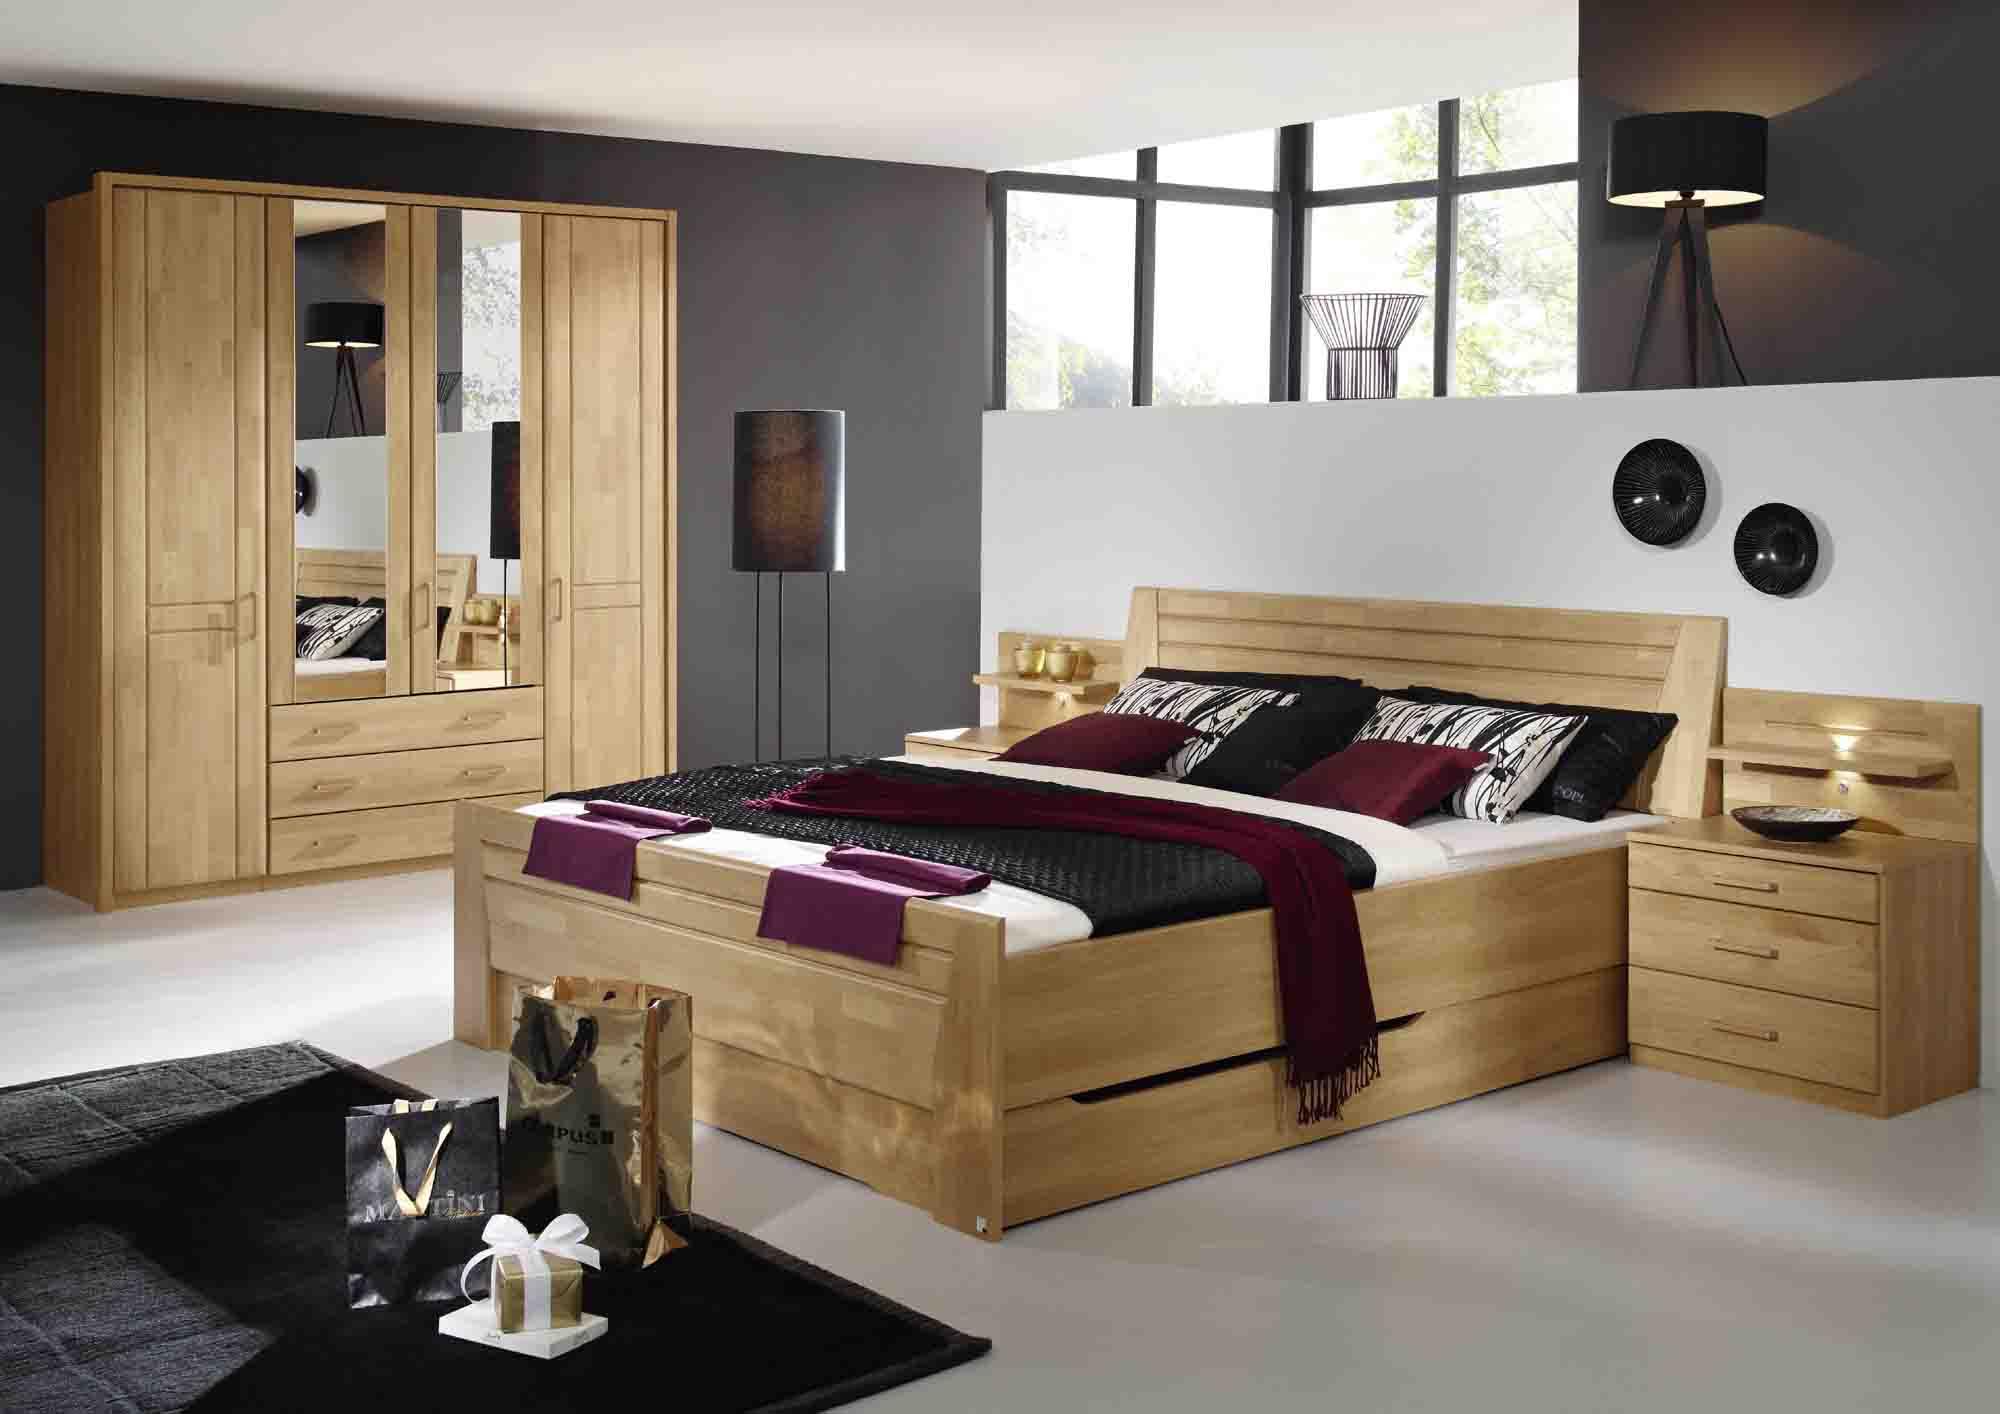 schlafzimmer br gge wiemann online kaufen massiva m. Black Bedroom Furniture Sets. Home Design Ideas